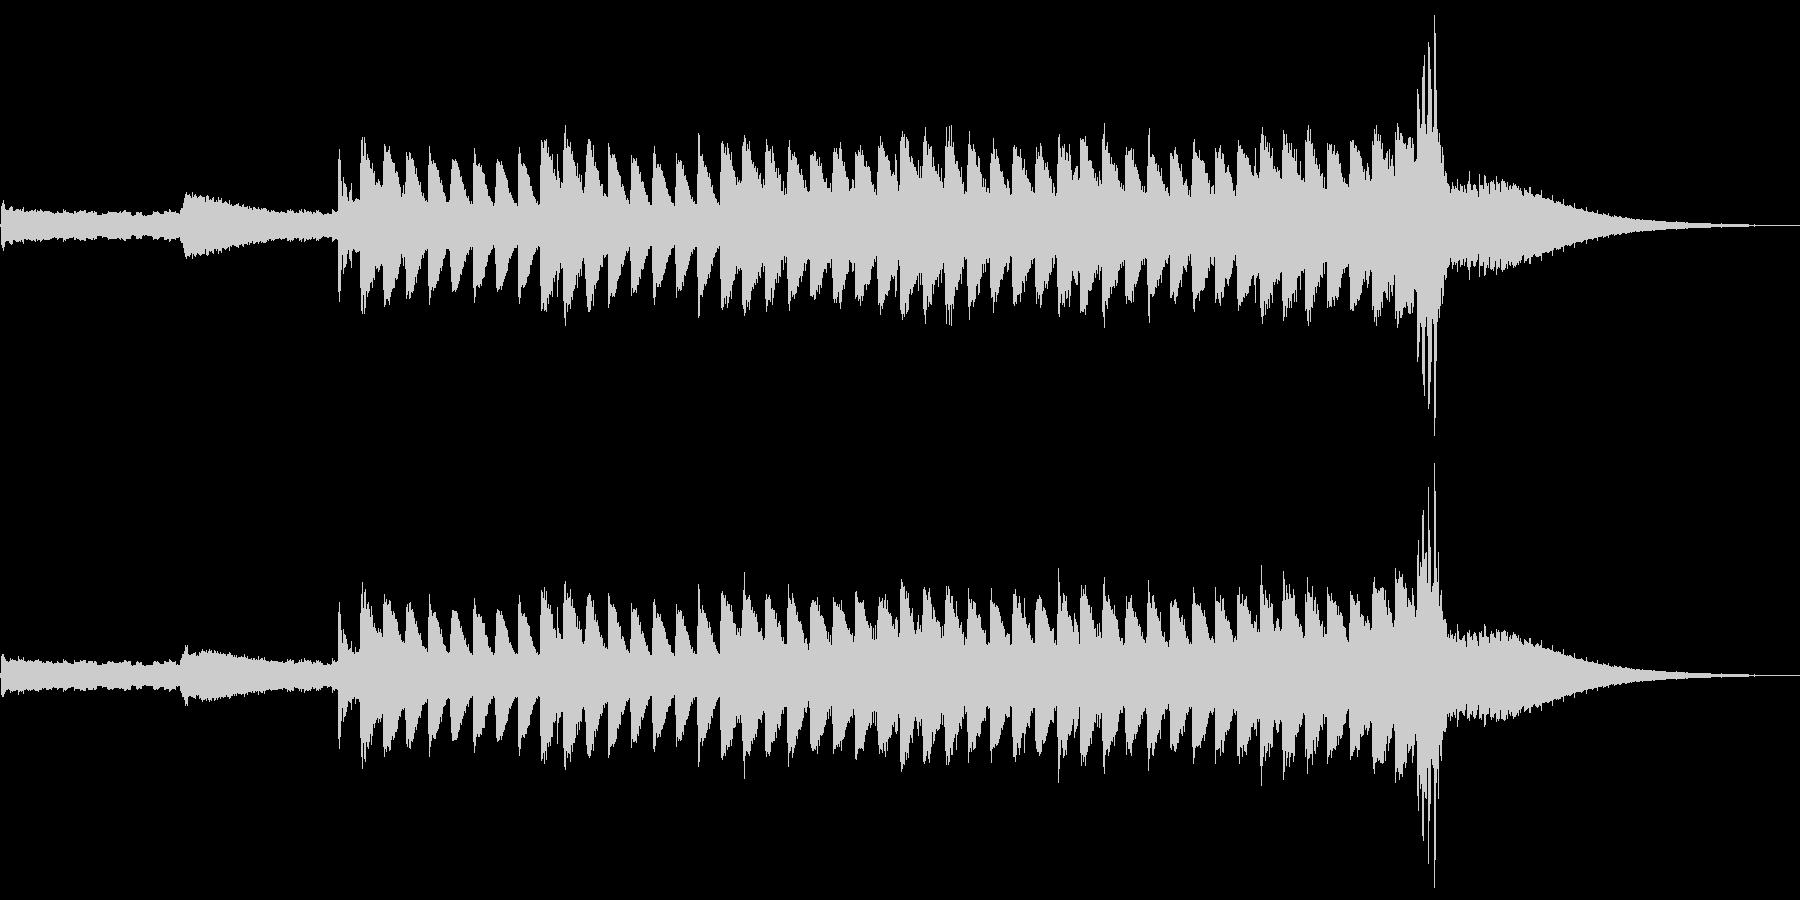 少し長めのCMを想定して作りました。テ…の未再生の波形